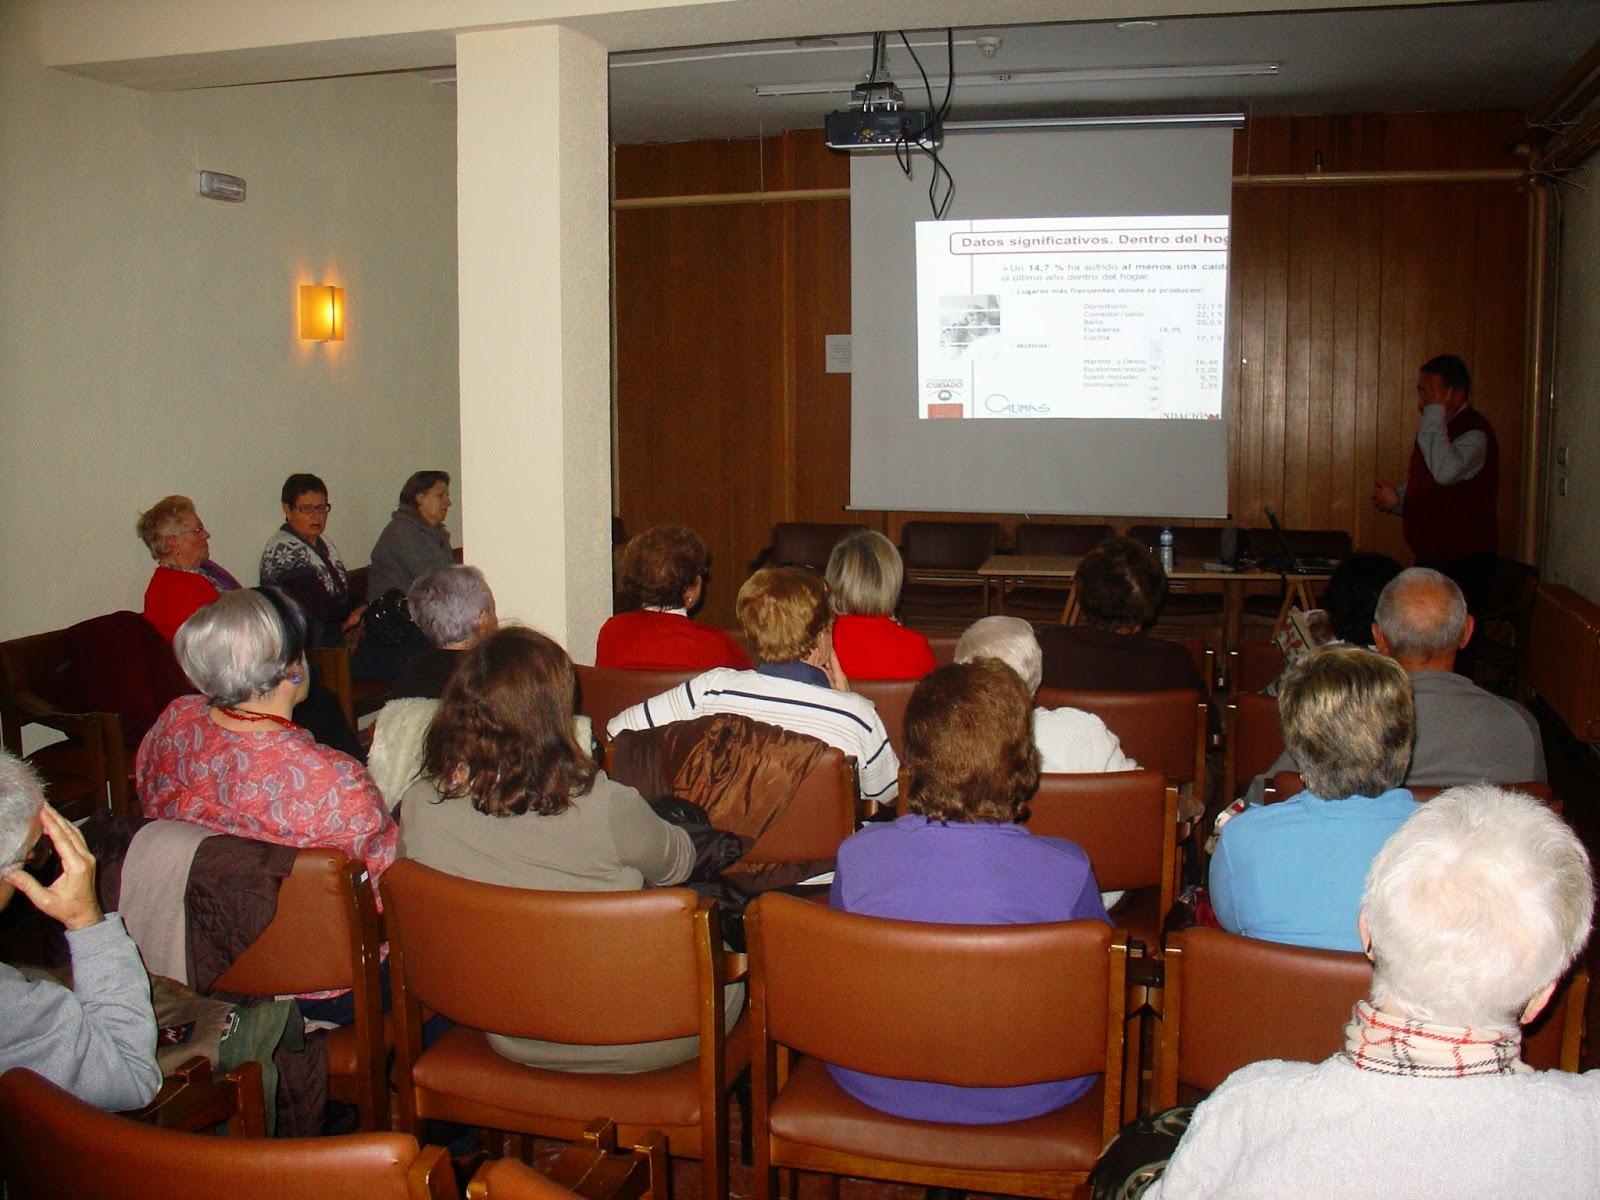 Charla sobre prevención de accidentes en mayores en el Centro de día